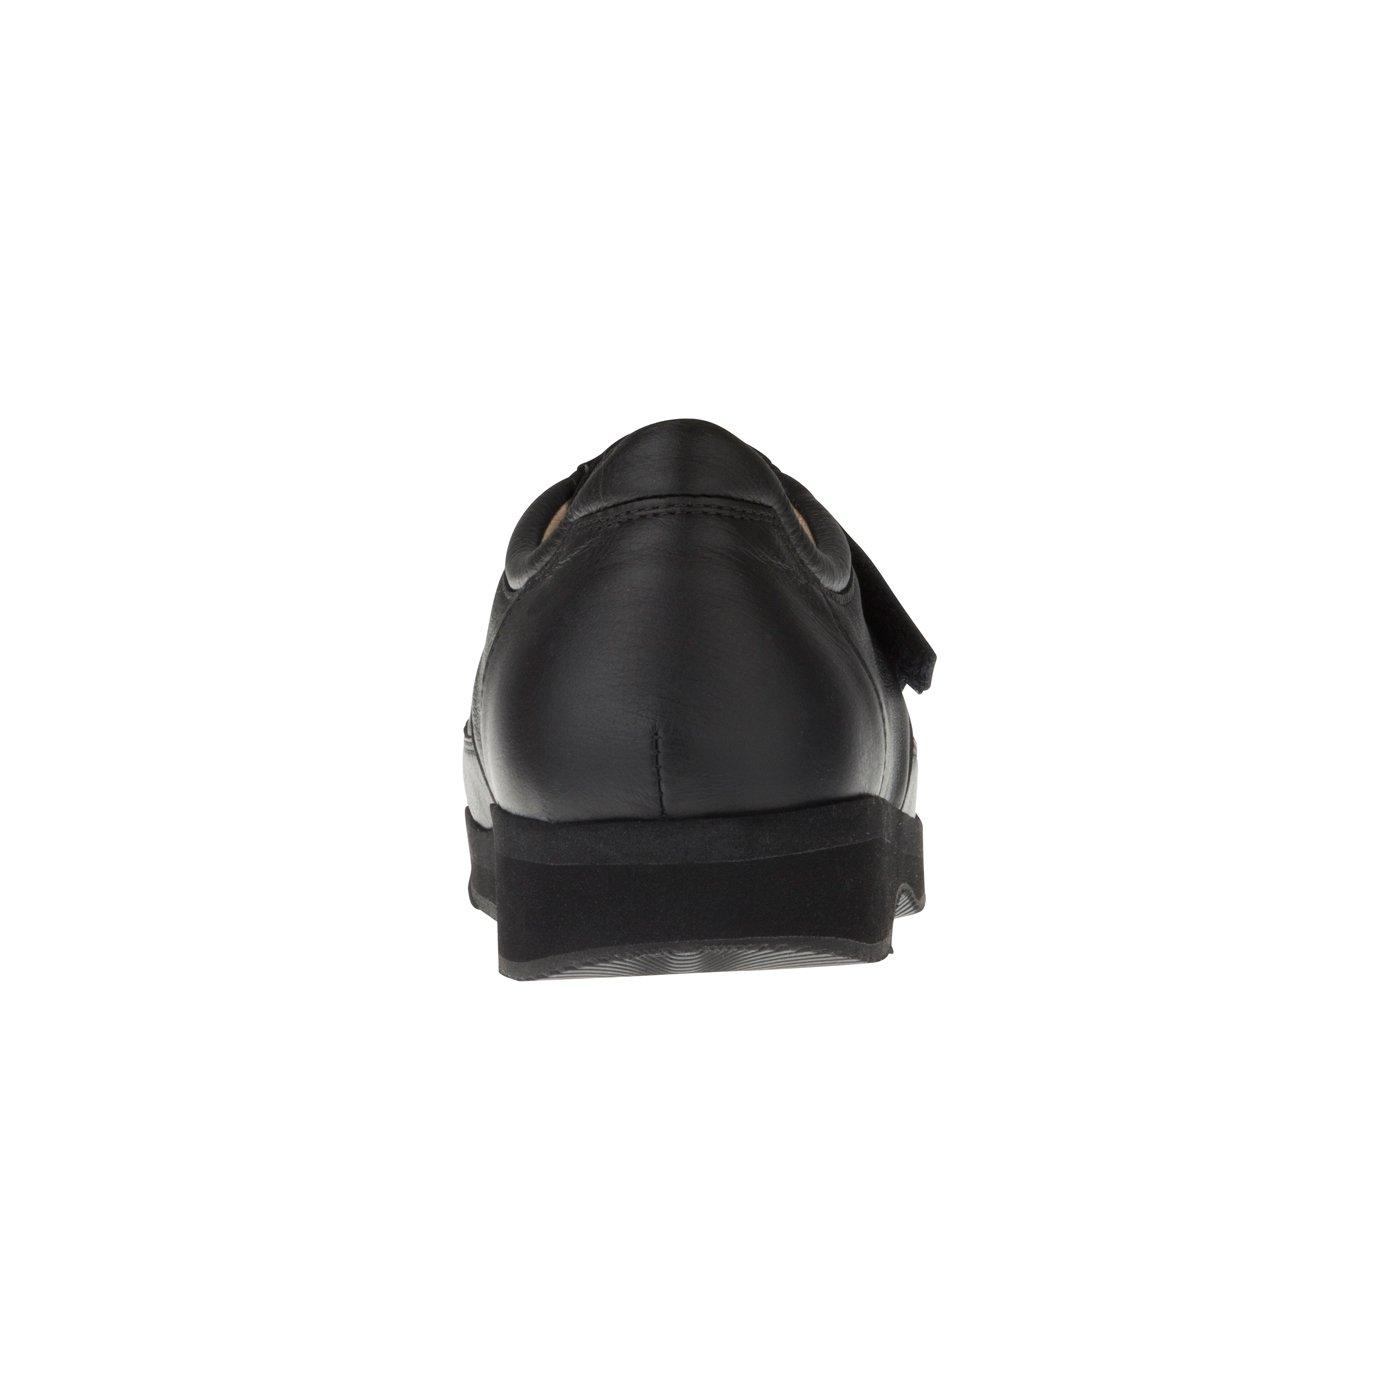 12,5cm - Kunststoffstab auf Zuschnitt POM Rundstab natur /Ø 15mm L: 125mm